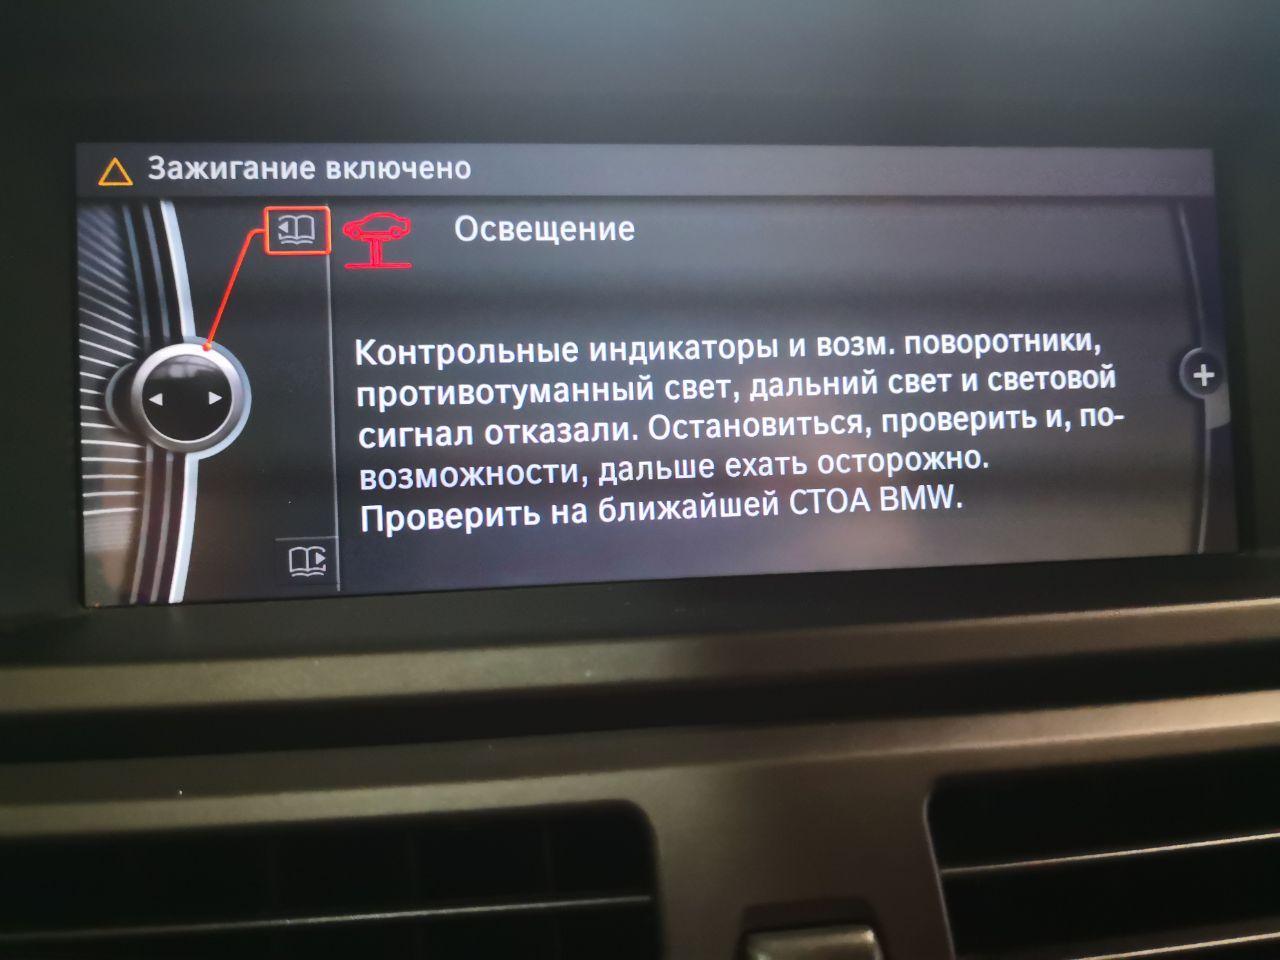 BMW X5 E70, ошибка освещения, проверить на ближайшей СТОА